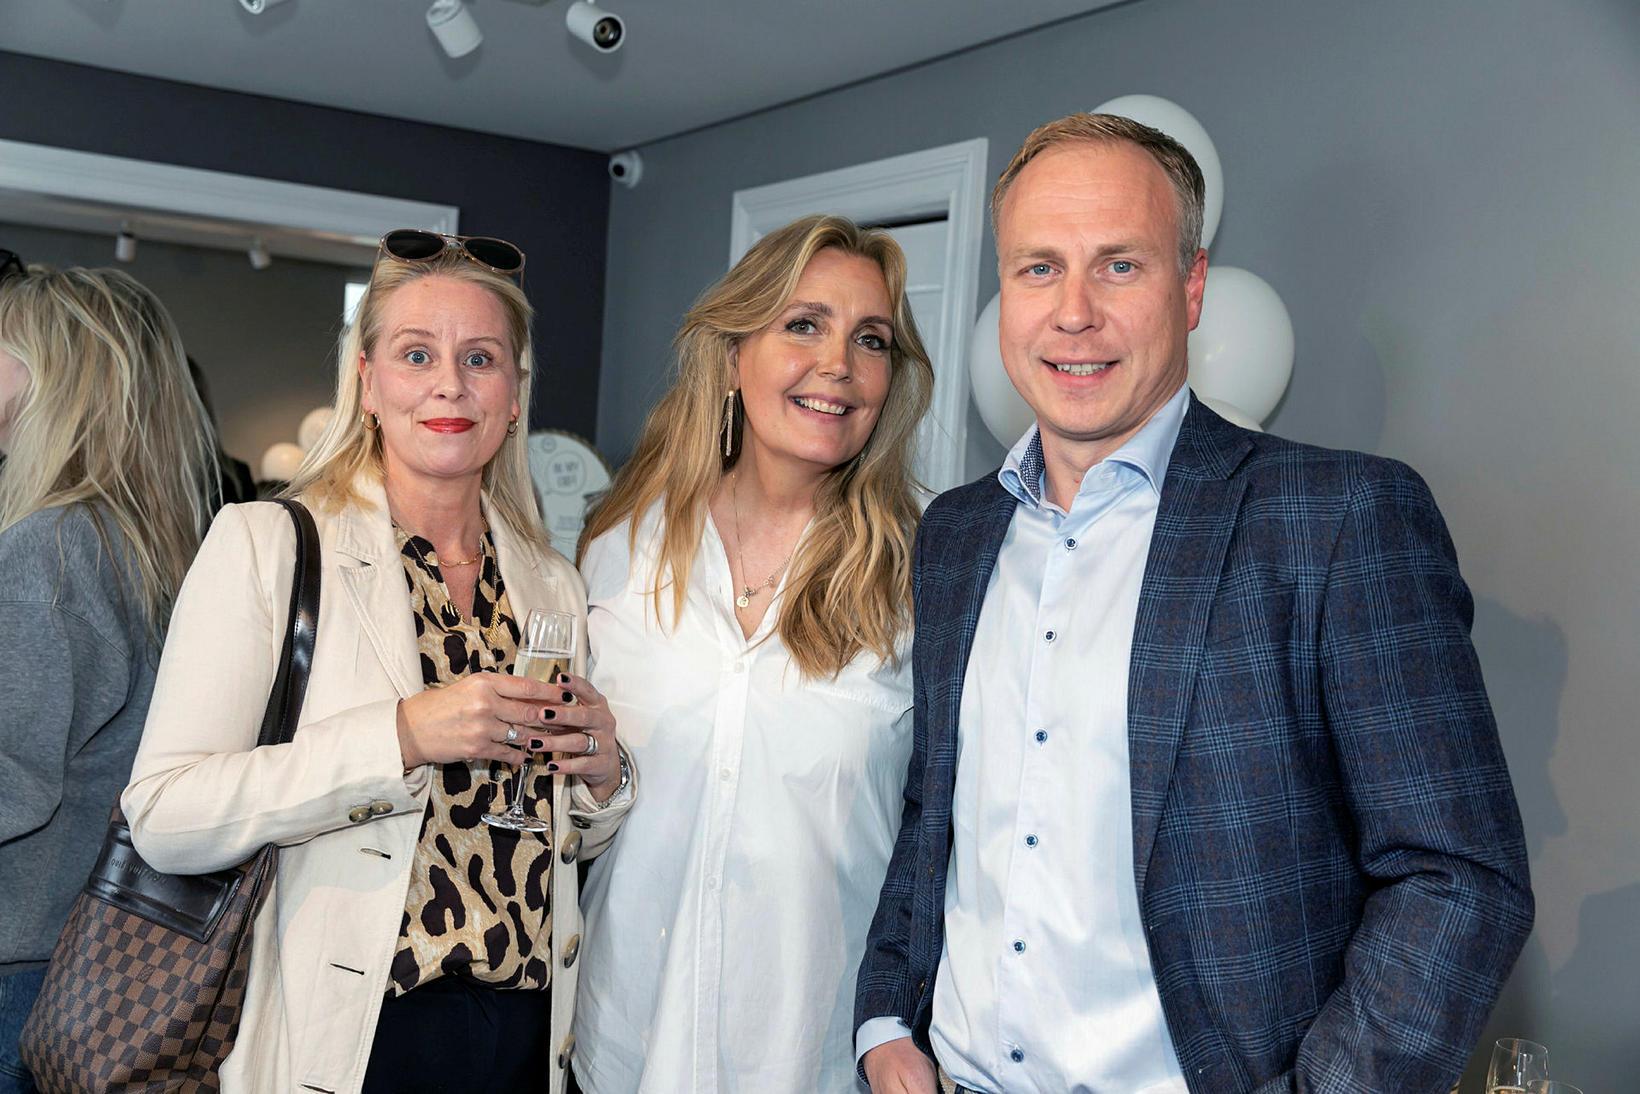 Sigrún Rós Elmers, Kristín Ýr Pétursdóttir og Guðbjarni Eggertsson.